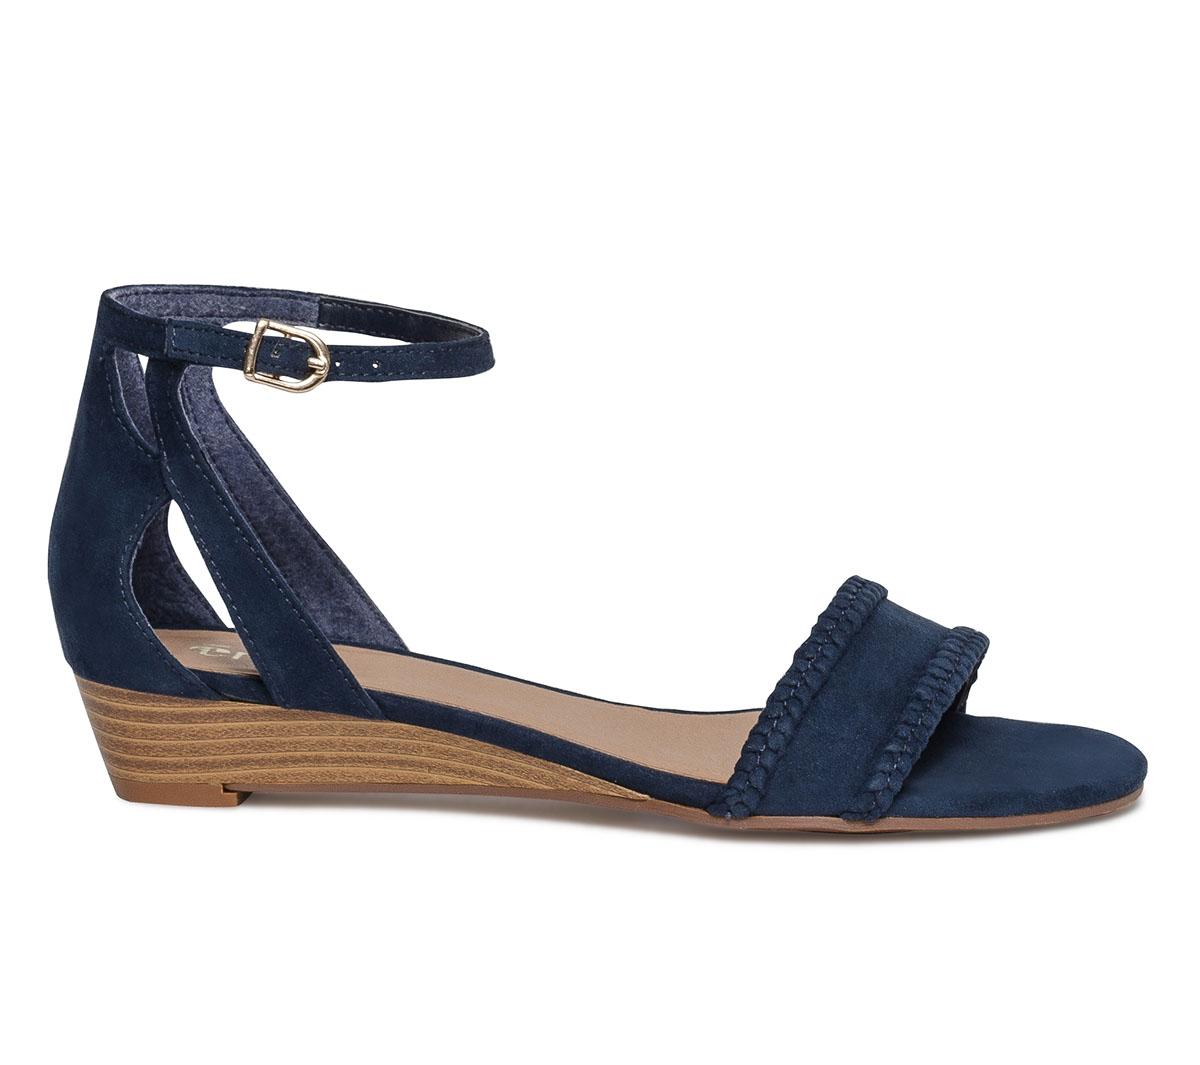 Sandale Marine Sandale Eram Marine Bleu Compensée Eram Eram Sandale Compensée Bleu WEDHIY2e9